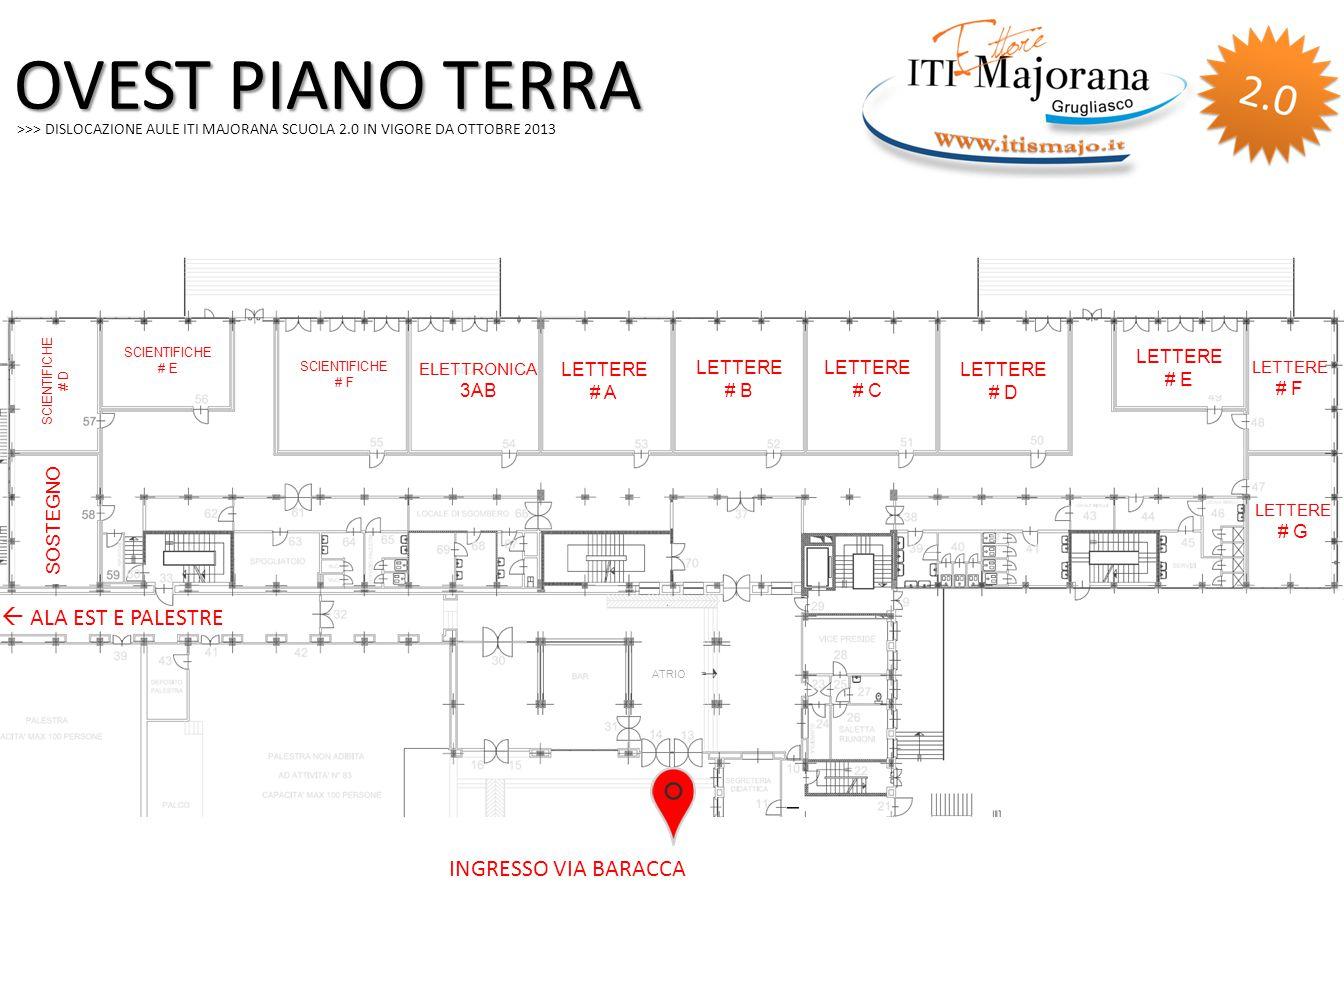 >>> DISLOCAZIONE AULE ITI MAJORANA SCUOLA 2.0 IN VIGORE DA OTTOBRE 2013 OVEST PIANO TERRA SCIENTIFICHE # E SCIENTIFICHE # F SCIENTIFICHE # D SOSTEGNO ELETTRONICA 3AB LETTERE # A LETTERE # B LETTERE # C LETTERE # D LETTERE # E LETTERE # F LETTERE # G ATRIO INGRESSO VIA BARACCA  ALA EST E PALESTRE